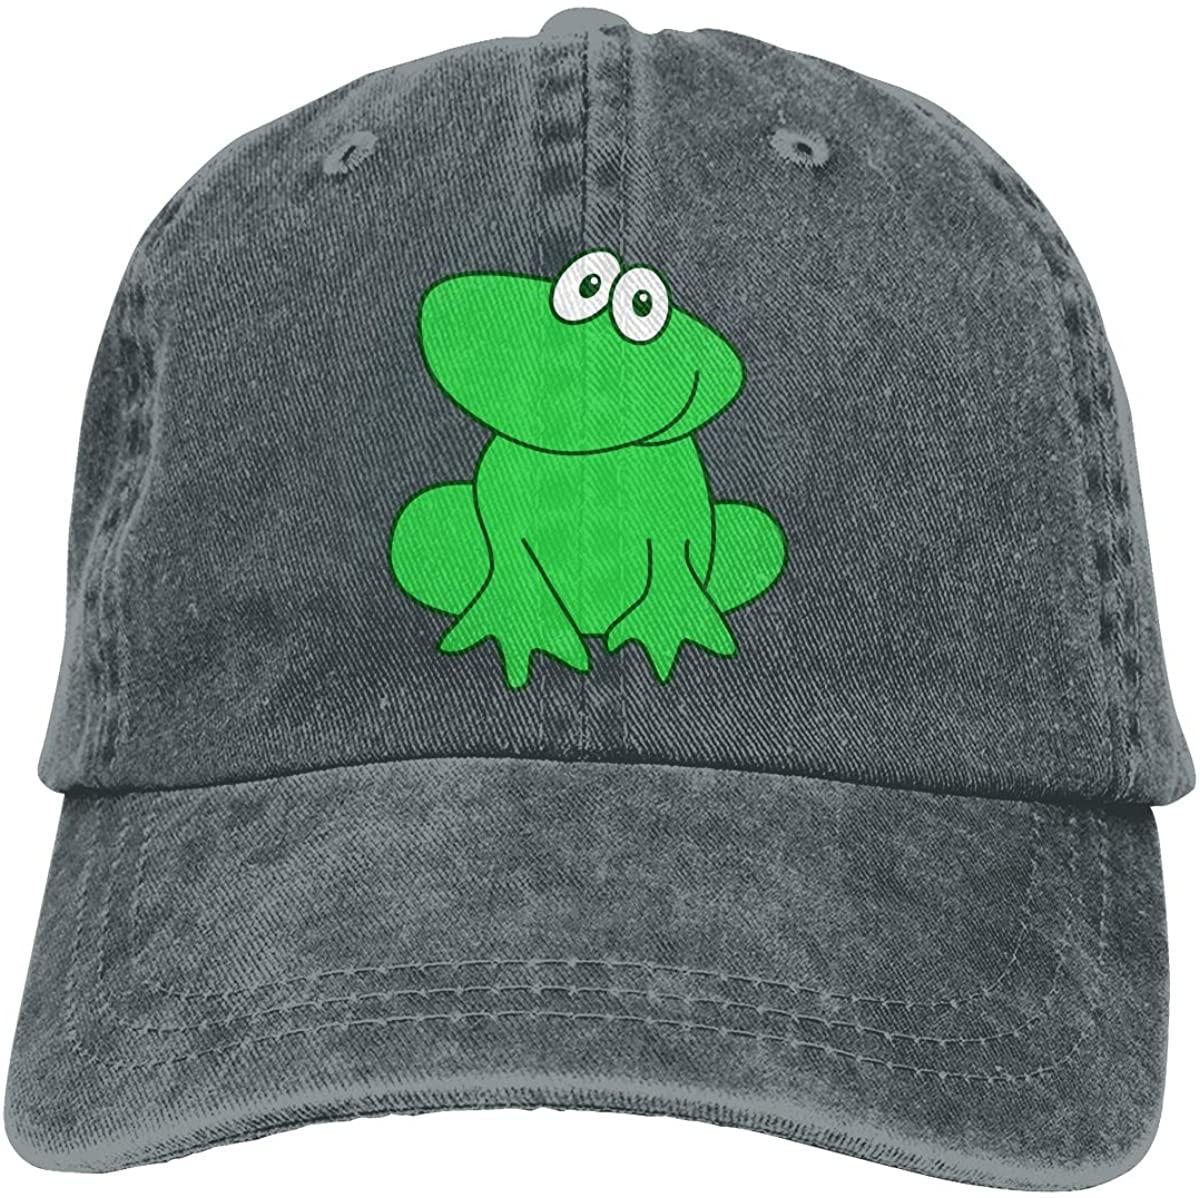 Little Frog Unisex Baseball Cap Cotton Cowboy Style Cap Sun Hat